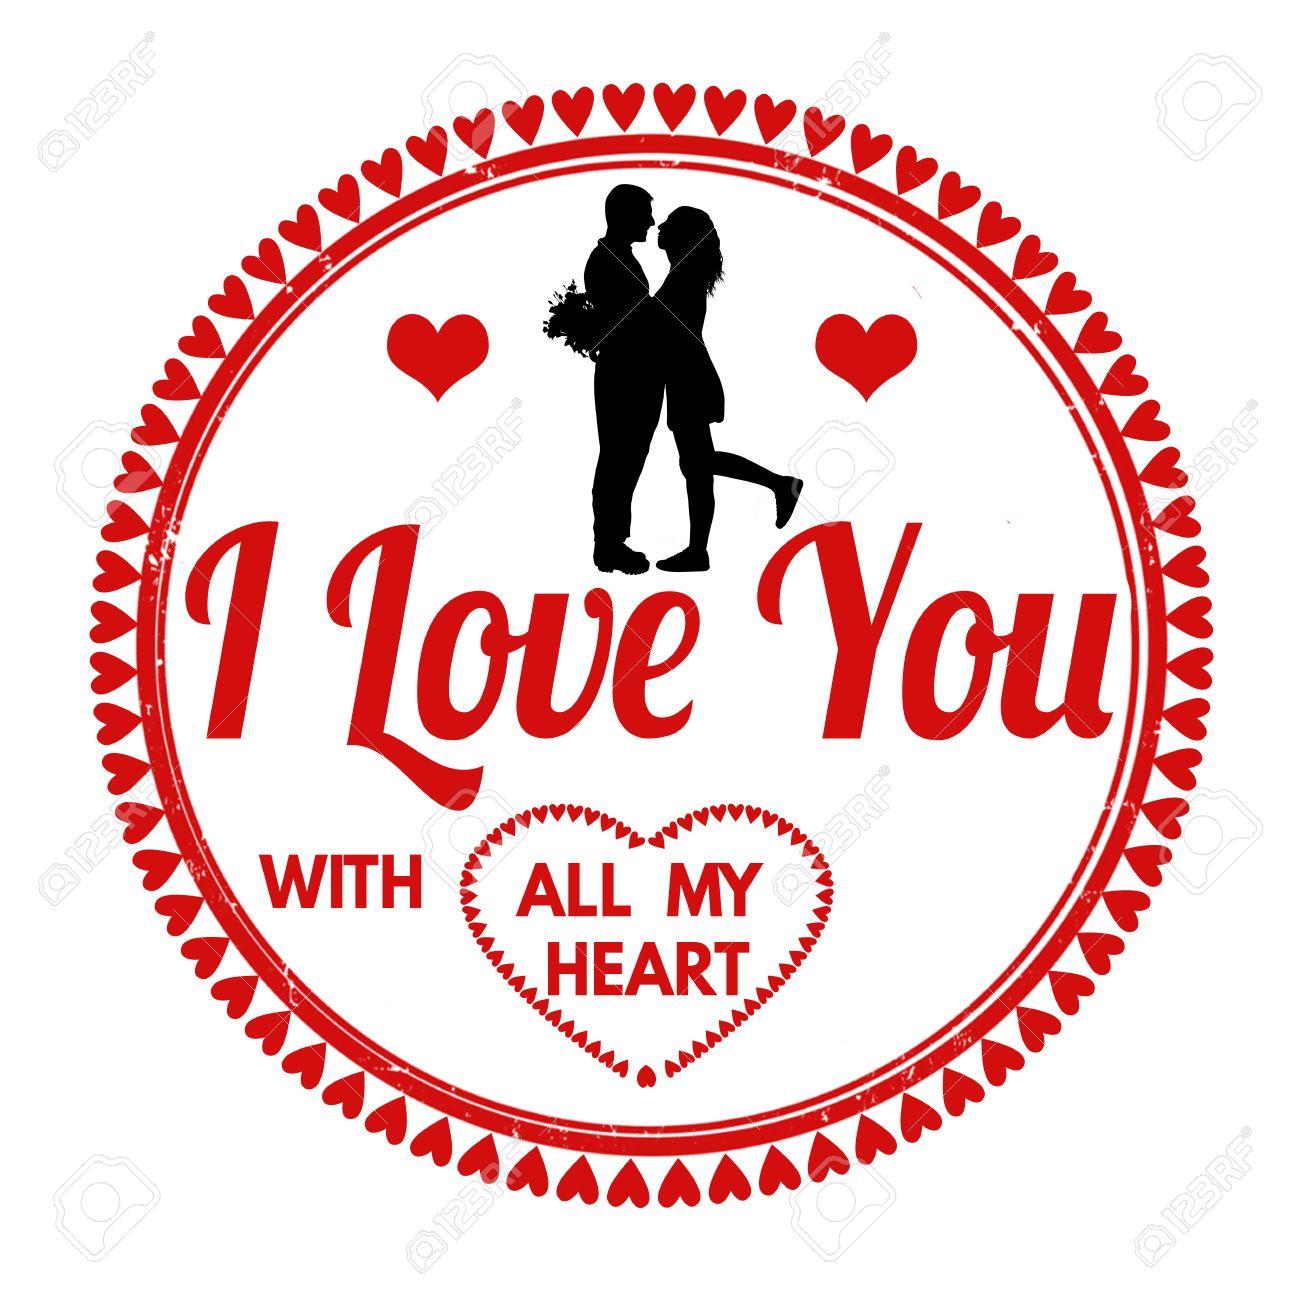 ich liebe dich von ganzem herzen